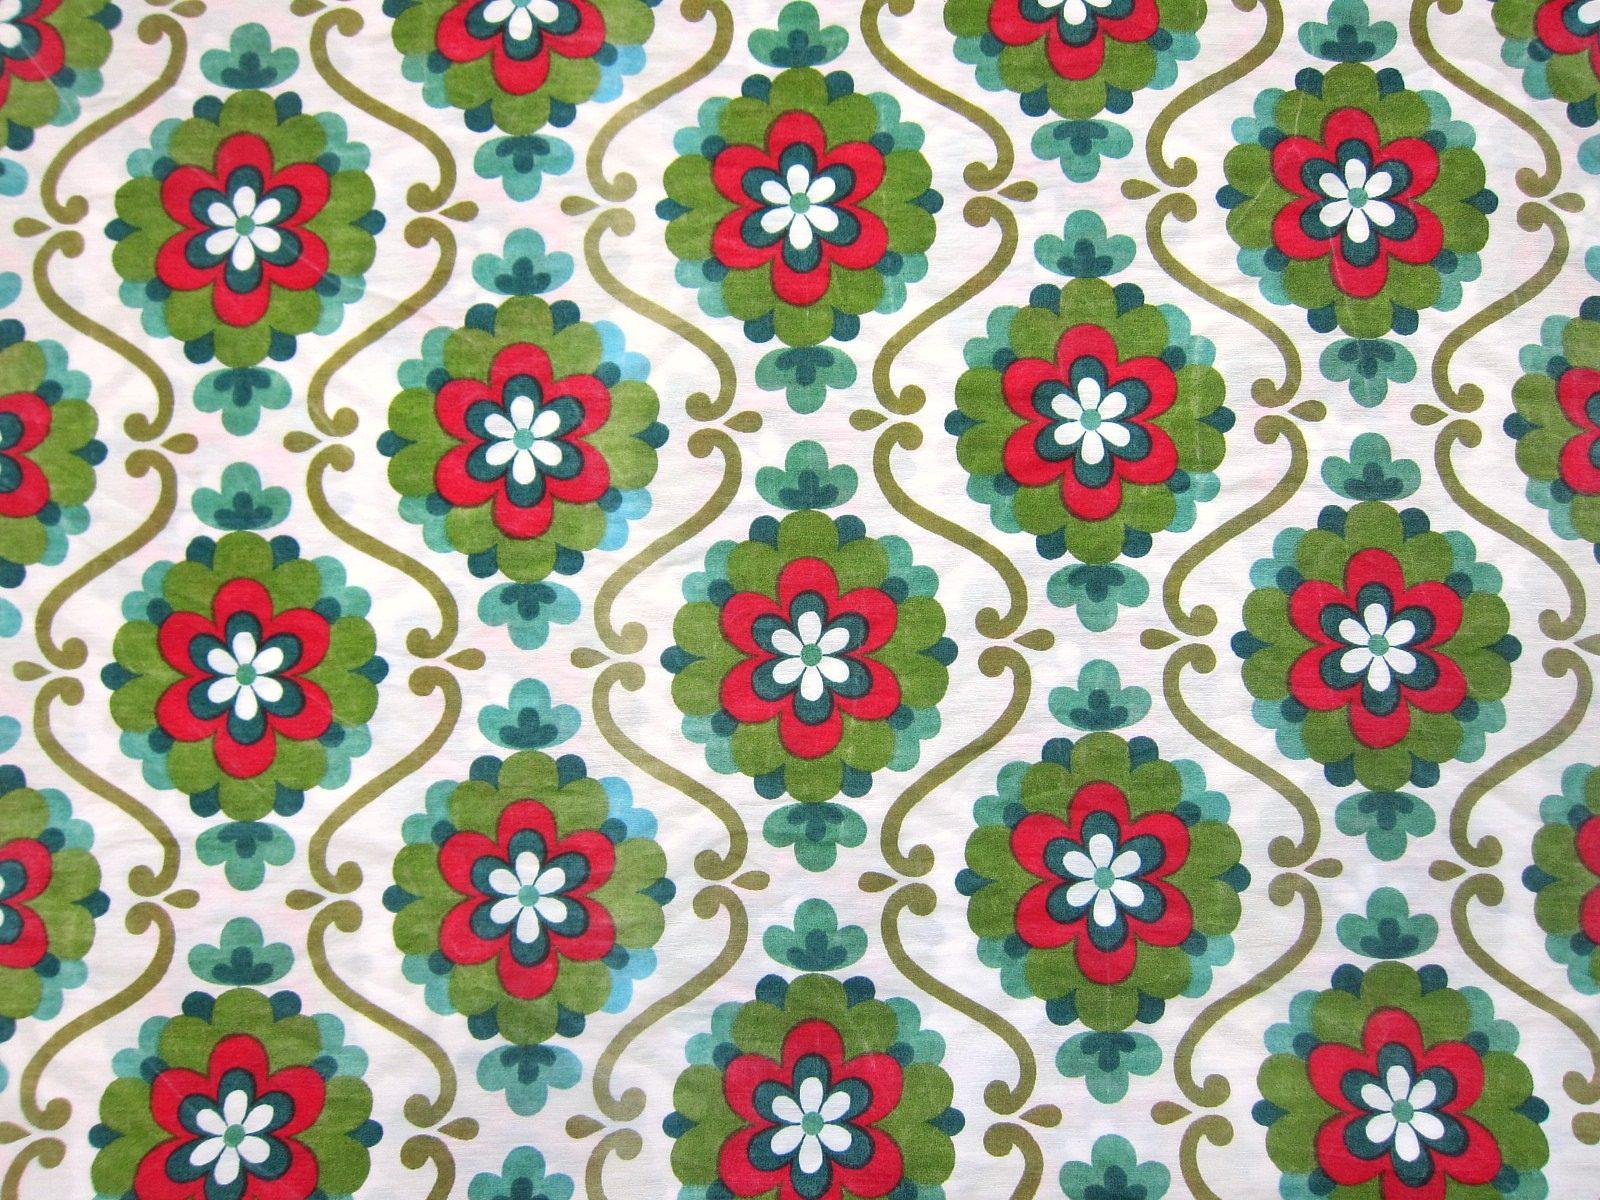 壁紙のようなレトロな花柄パターン ヴィンテージ生地 幅110cm Frau